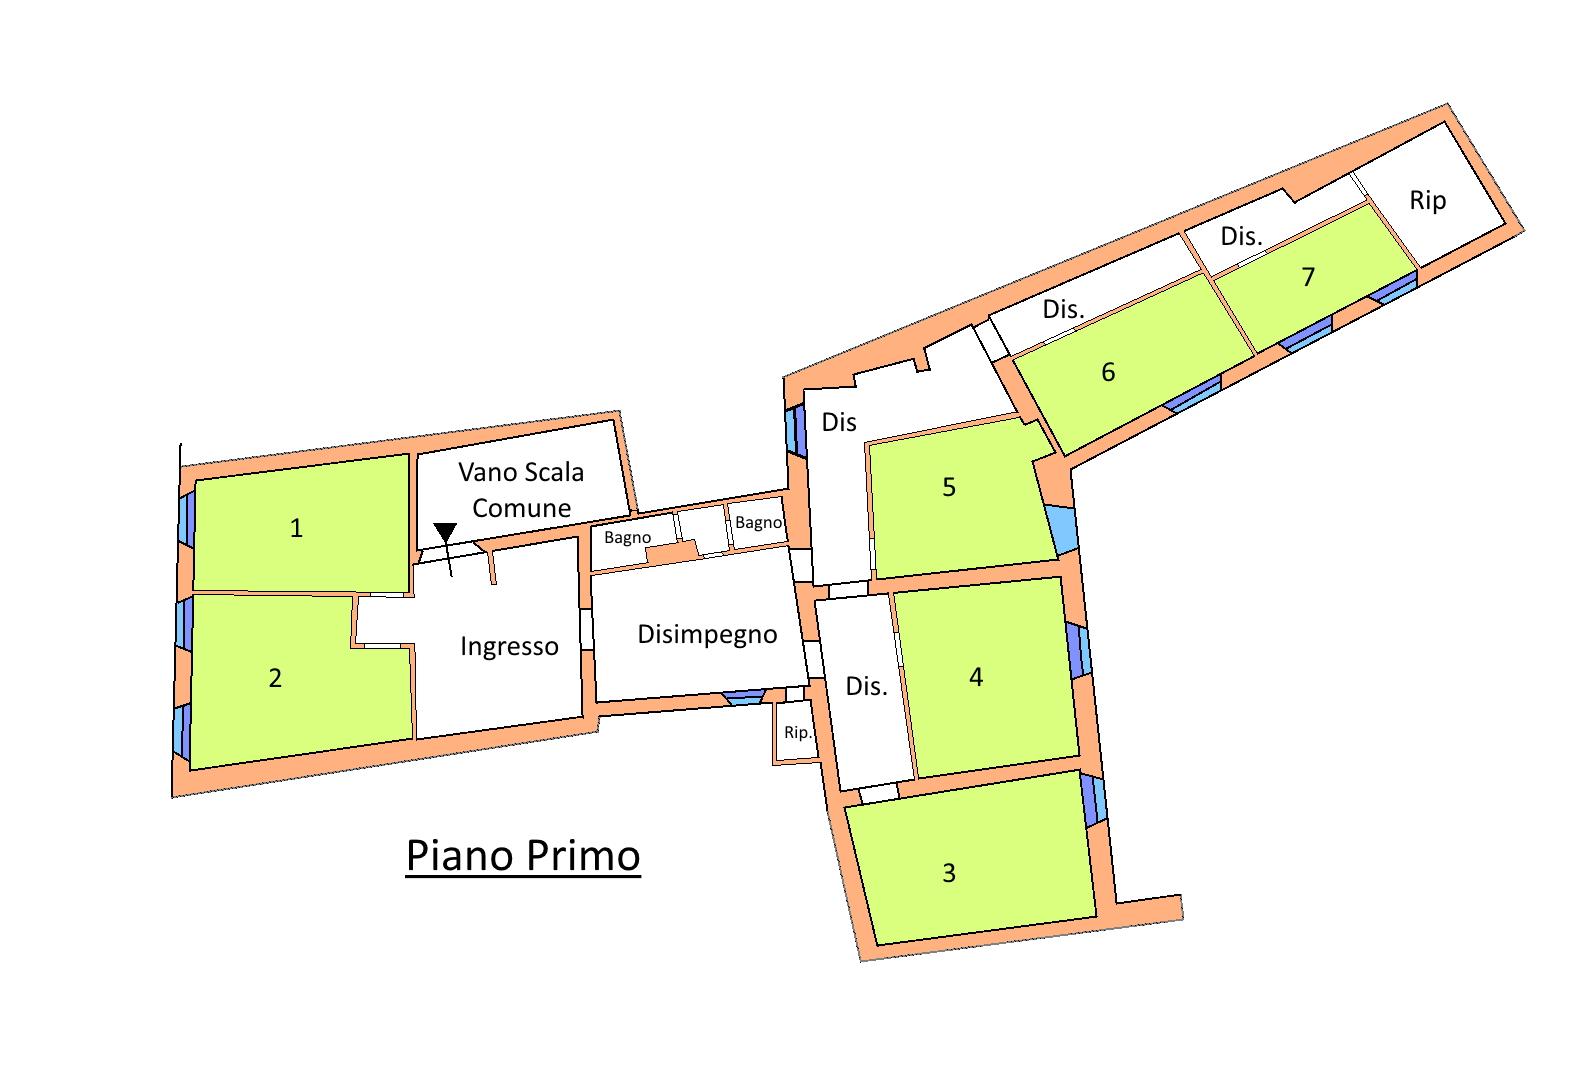 Appartamento in vendita, rif. 02180 (Planimetria 1/1)